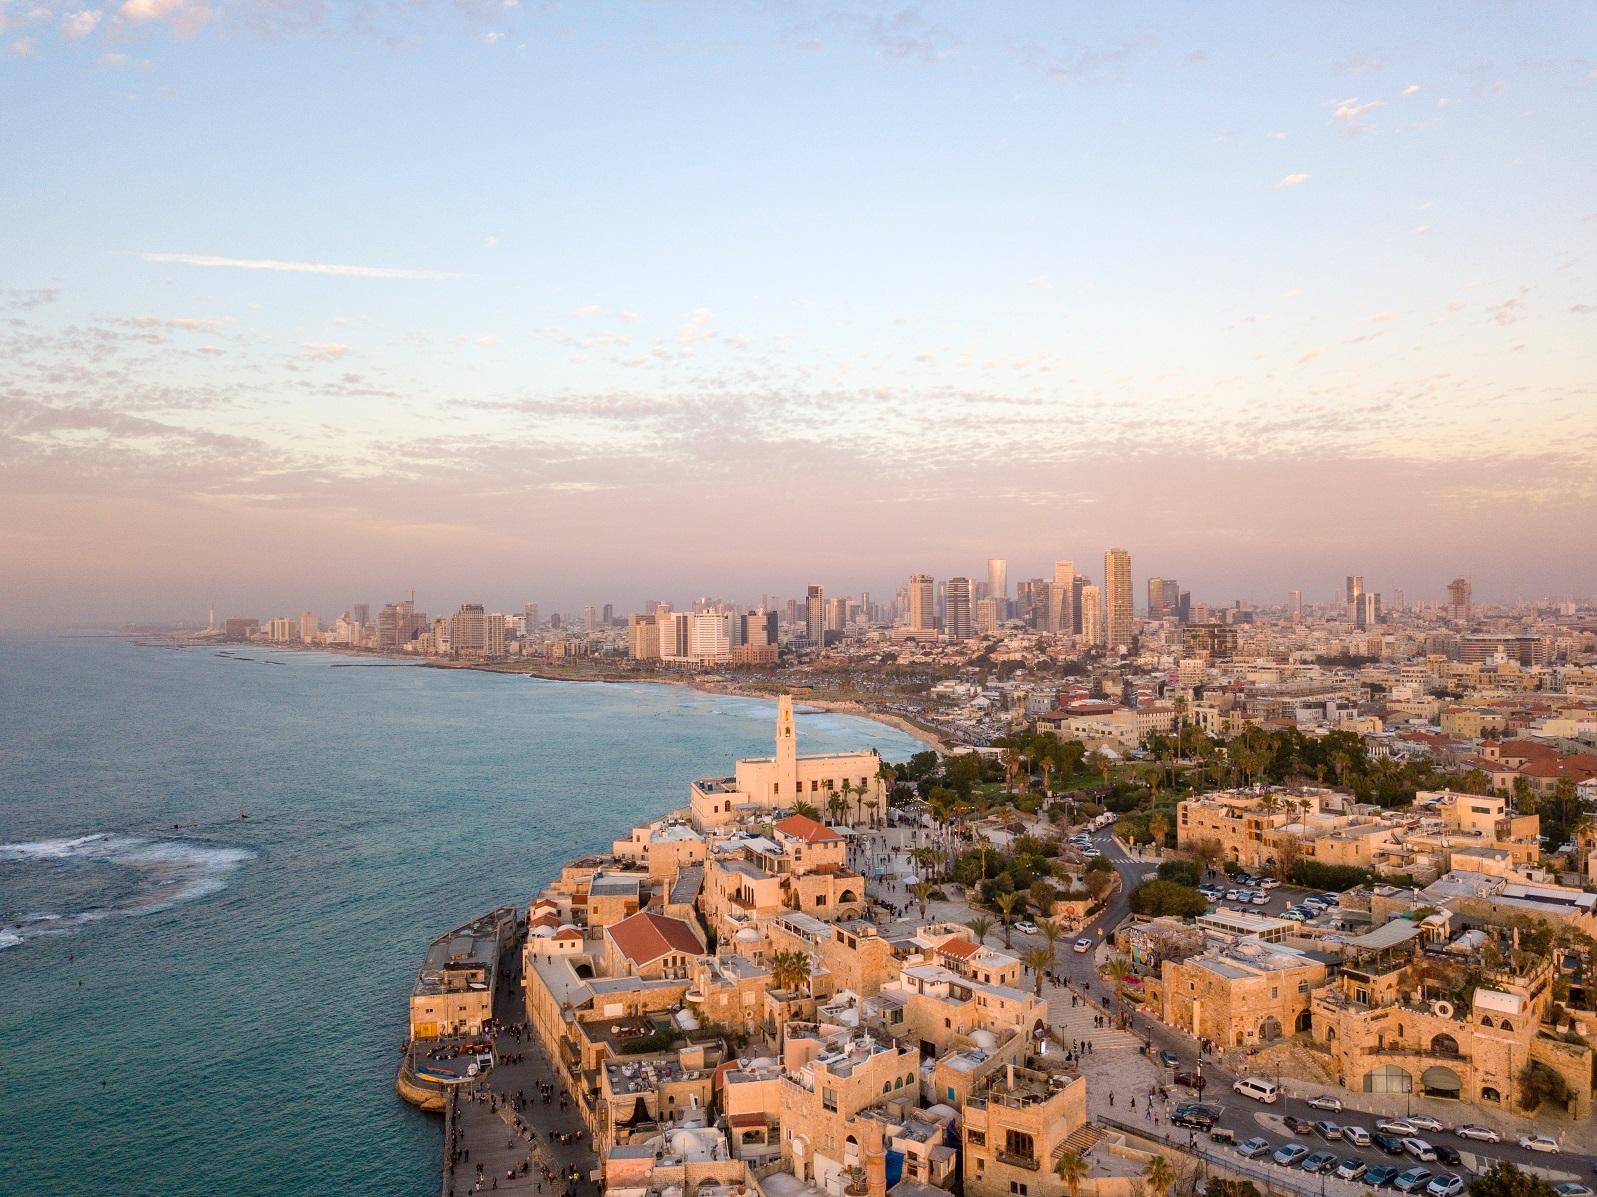 כמה חם יהיה כאן בשנת ה-100 לישראל?